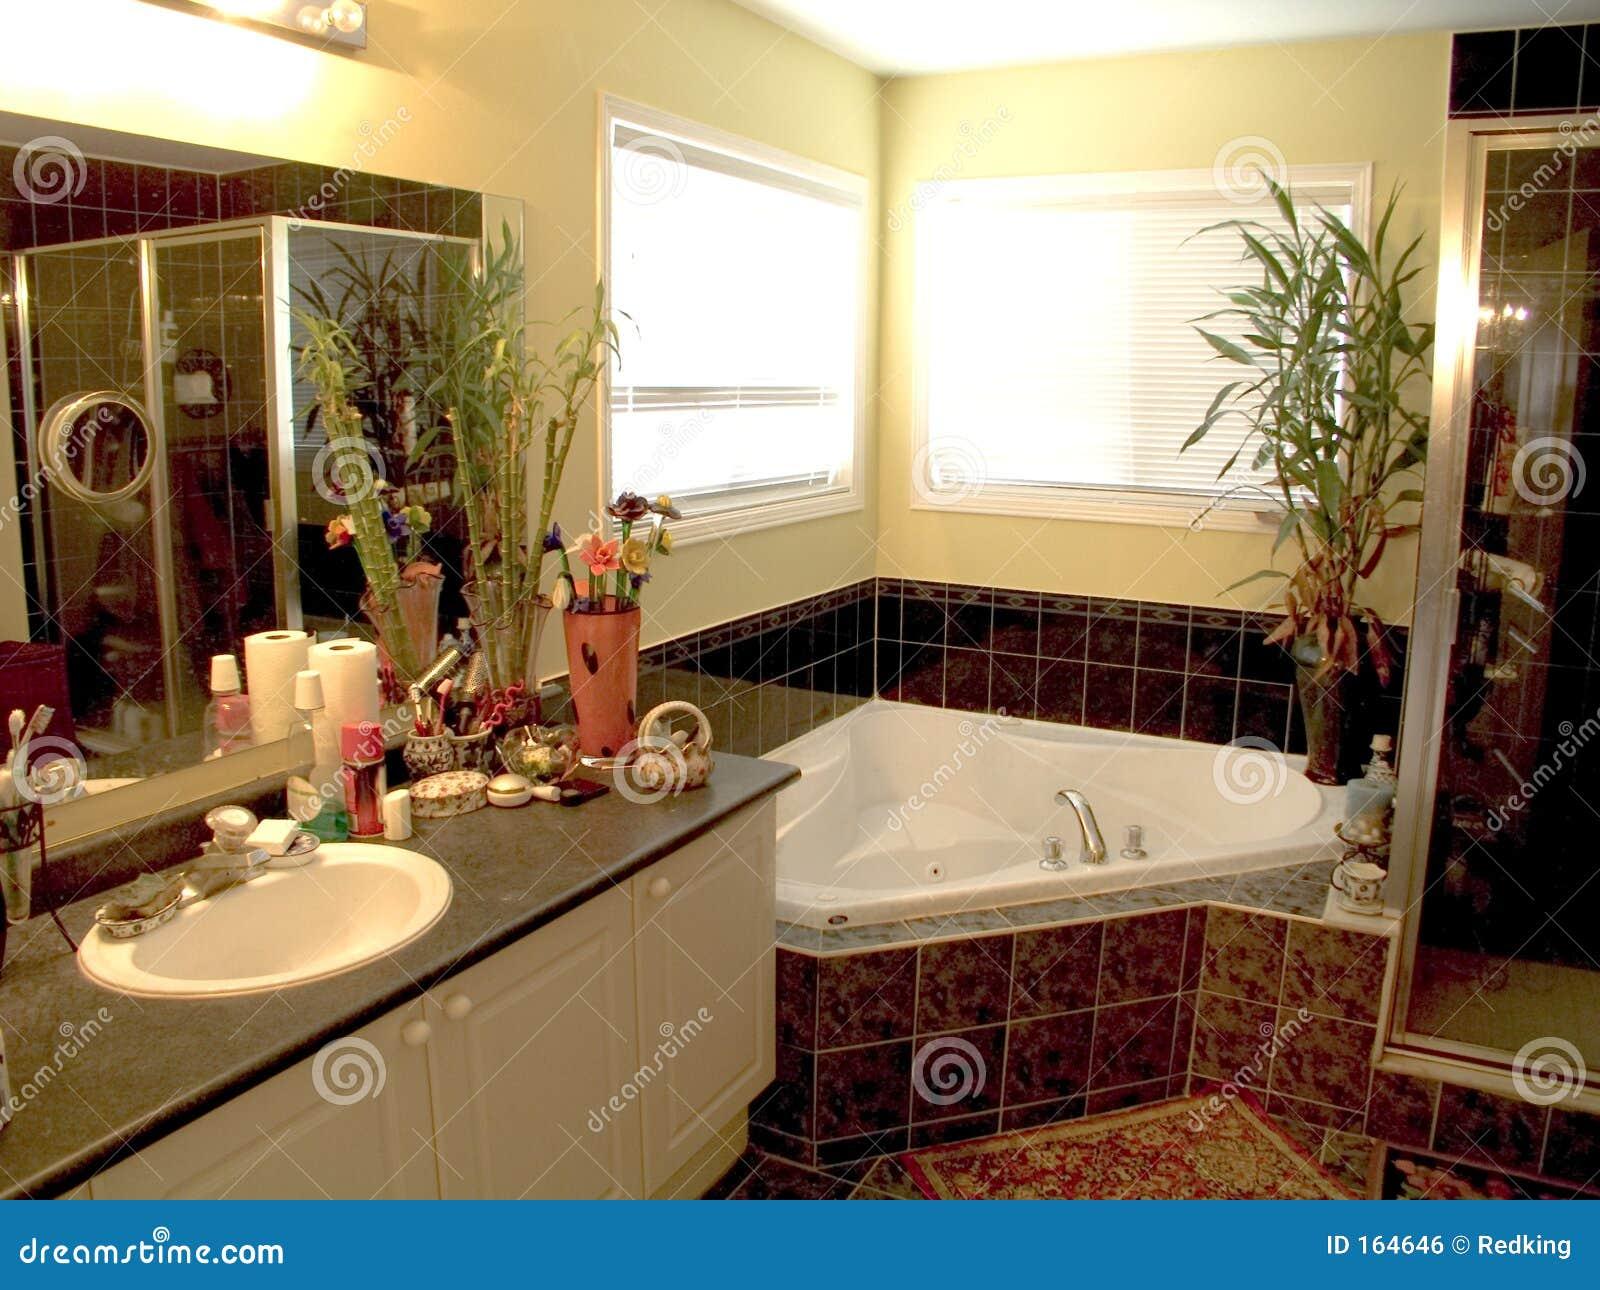 14 bathroom